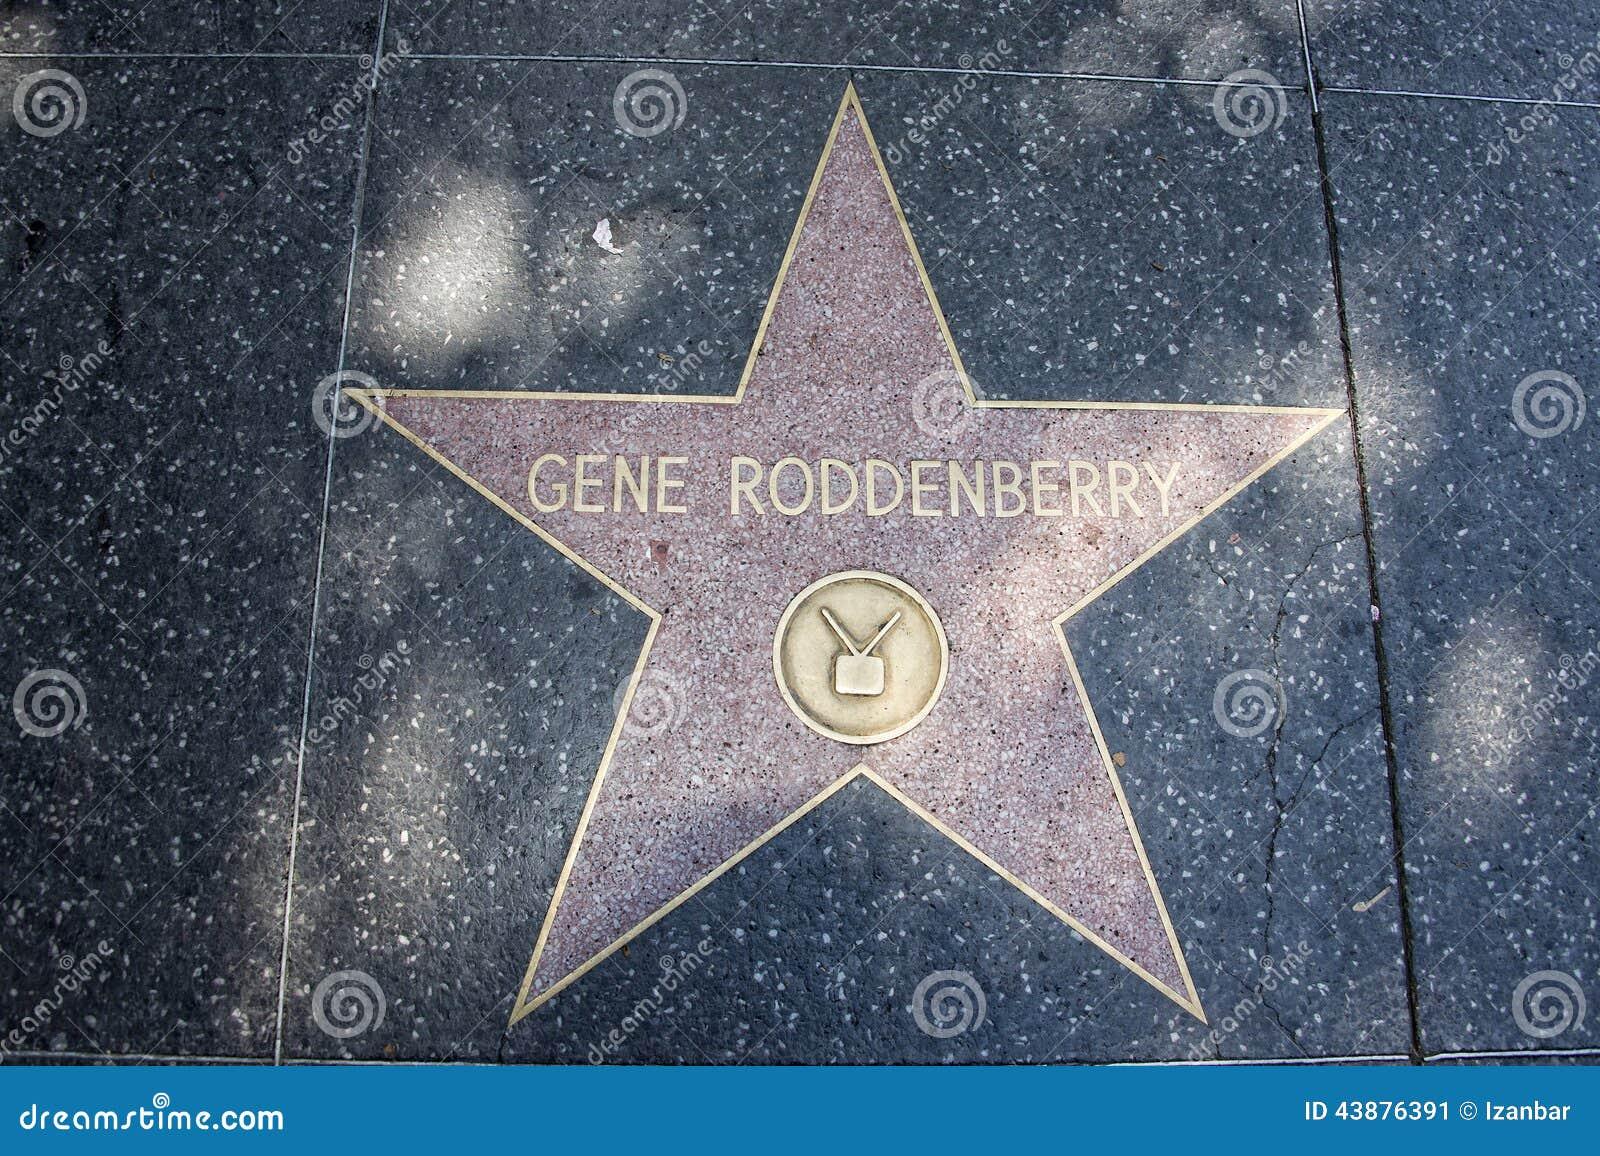 Hollywoodgang van de schepper van Bekendheidsgene rodenberry van Star Trek